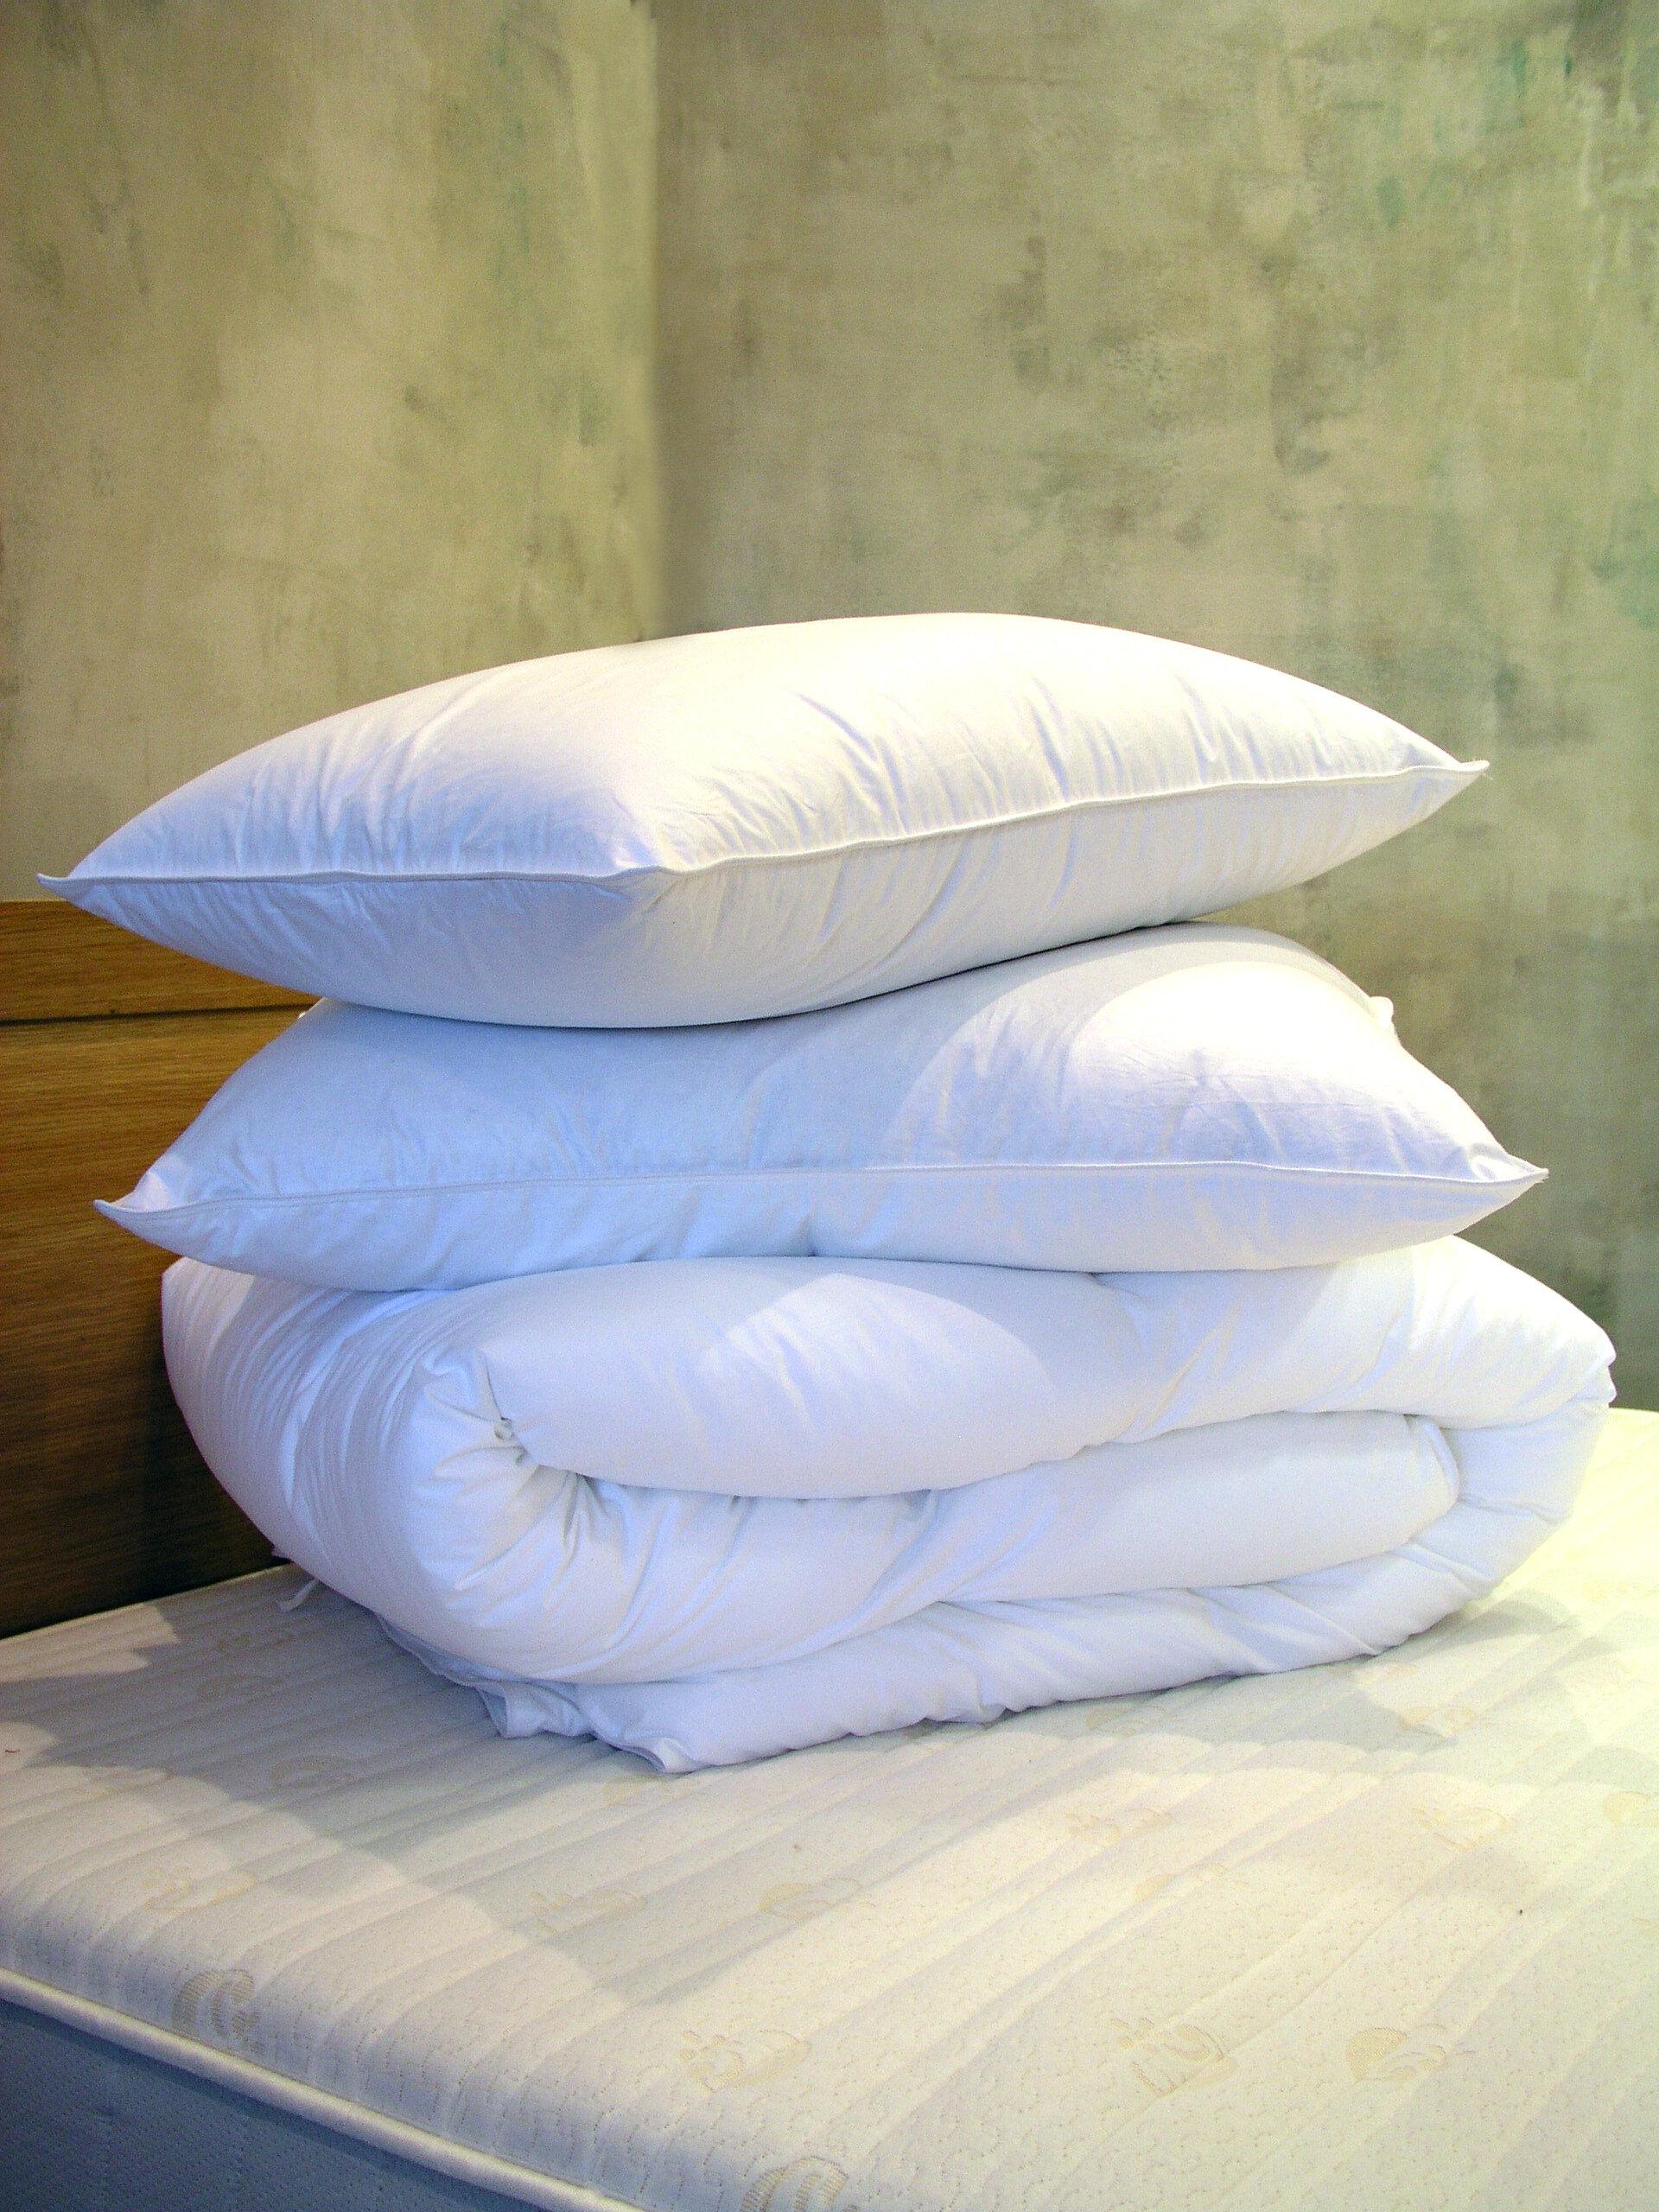 duvet-pillows.jpg